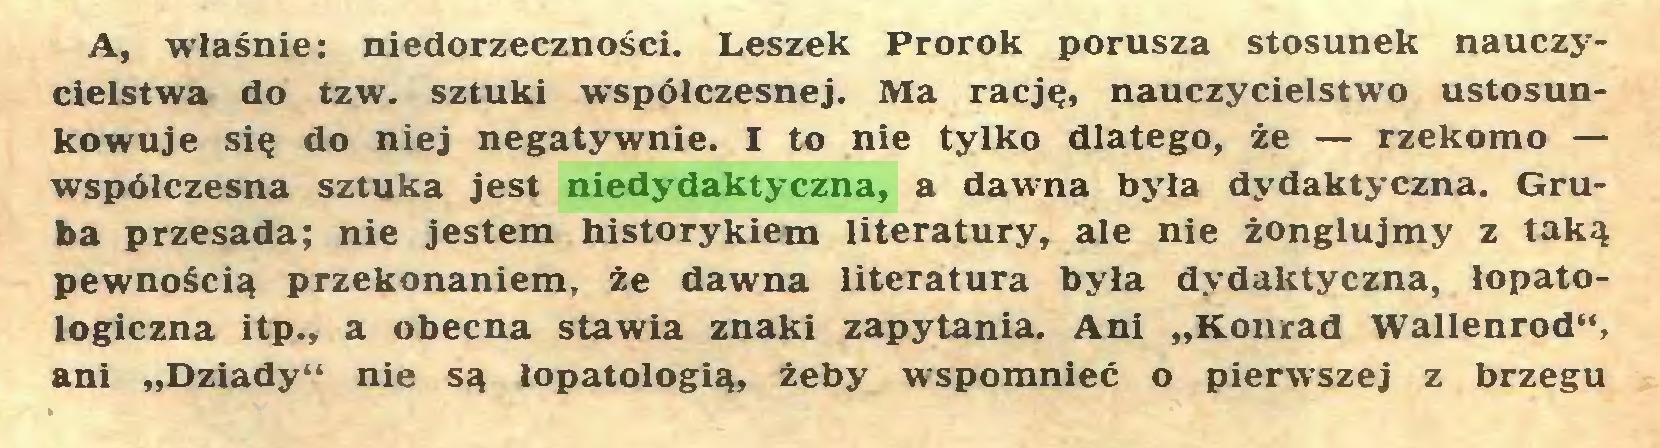 """(...) A, właśnie: niedorzeczności. Leszek Prorok porusza stosunek nauczycielstwa do tzw. sztuki współczesnej. Ma rację, nauczycielstwo ustosunkowuje się do niej negatywnie. I to nie tylko dlatego, że — rzekomo — współczesna sztuka jest niedydaktyczna, a dawna była dydaktyczna. Gruba przesada; nie jestem historykiem literatury, ale nie żonglujmy z taką pewnością przekonaniem, że dawna literatura była dydaktyczna, łopatologiczna itp., a obecna stawia znaki zapytania. Ani """"Konrad Wallenrod"""", ani """"Dziady"""" nie są lopatologią, żeby wspomnieć o pierwszej z brzegu..."""